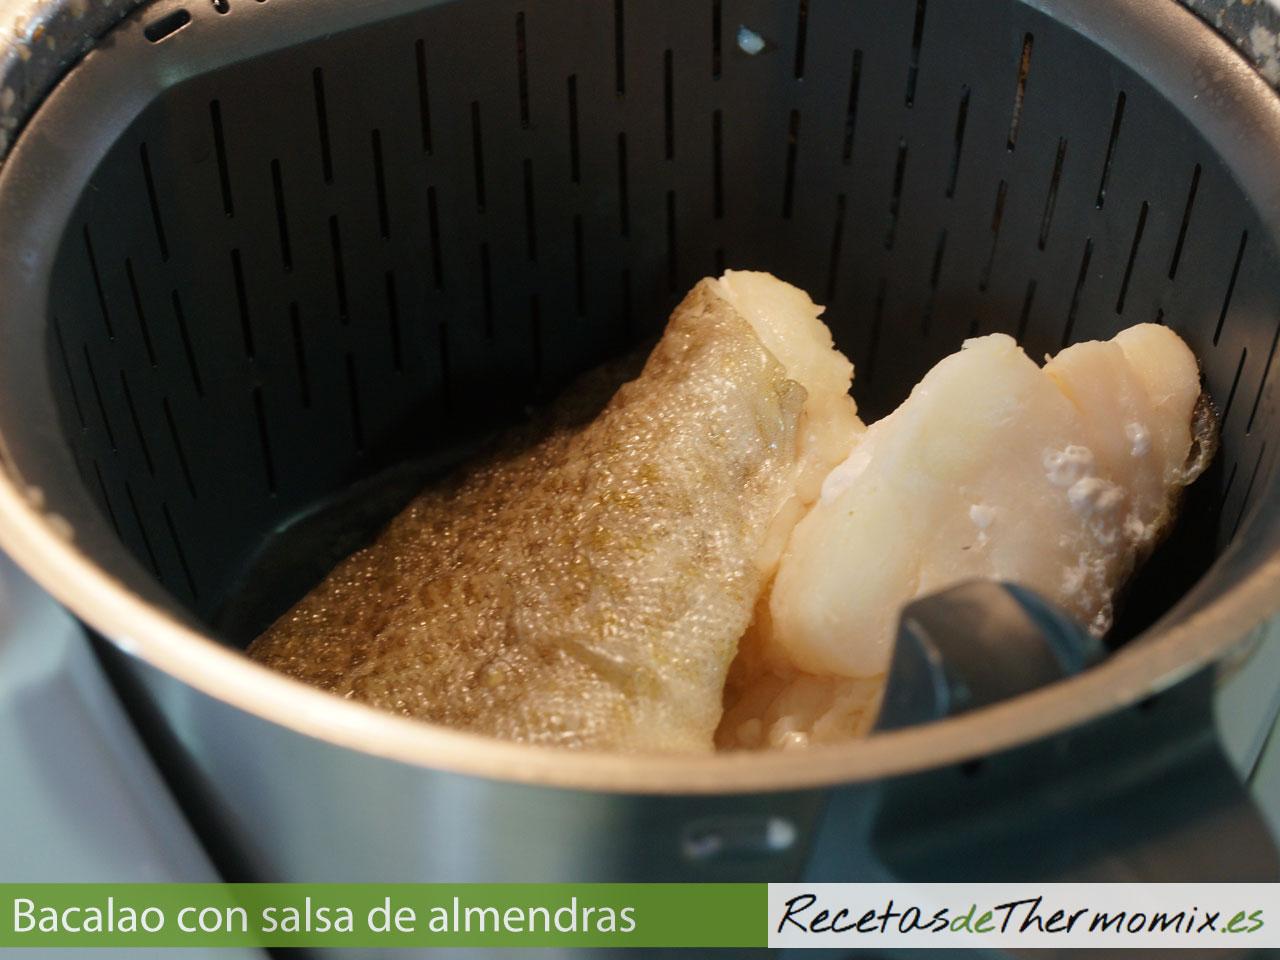 Cómo hacer bacalao con salsa de almendras con Thermomix